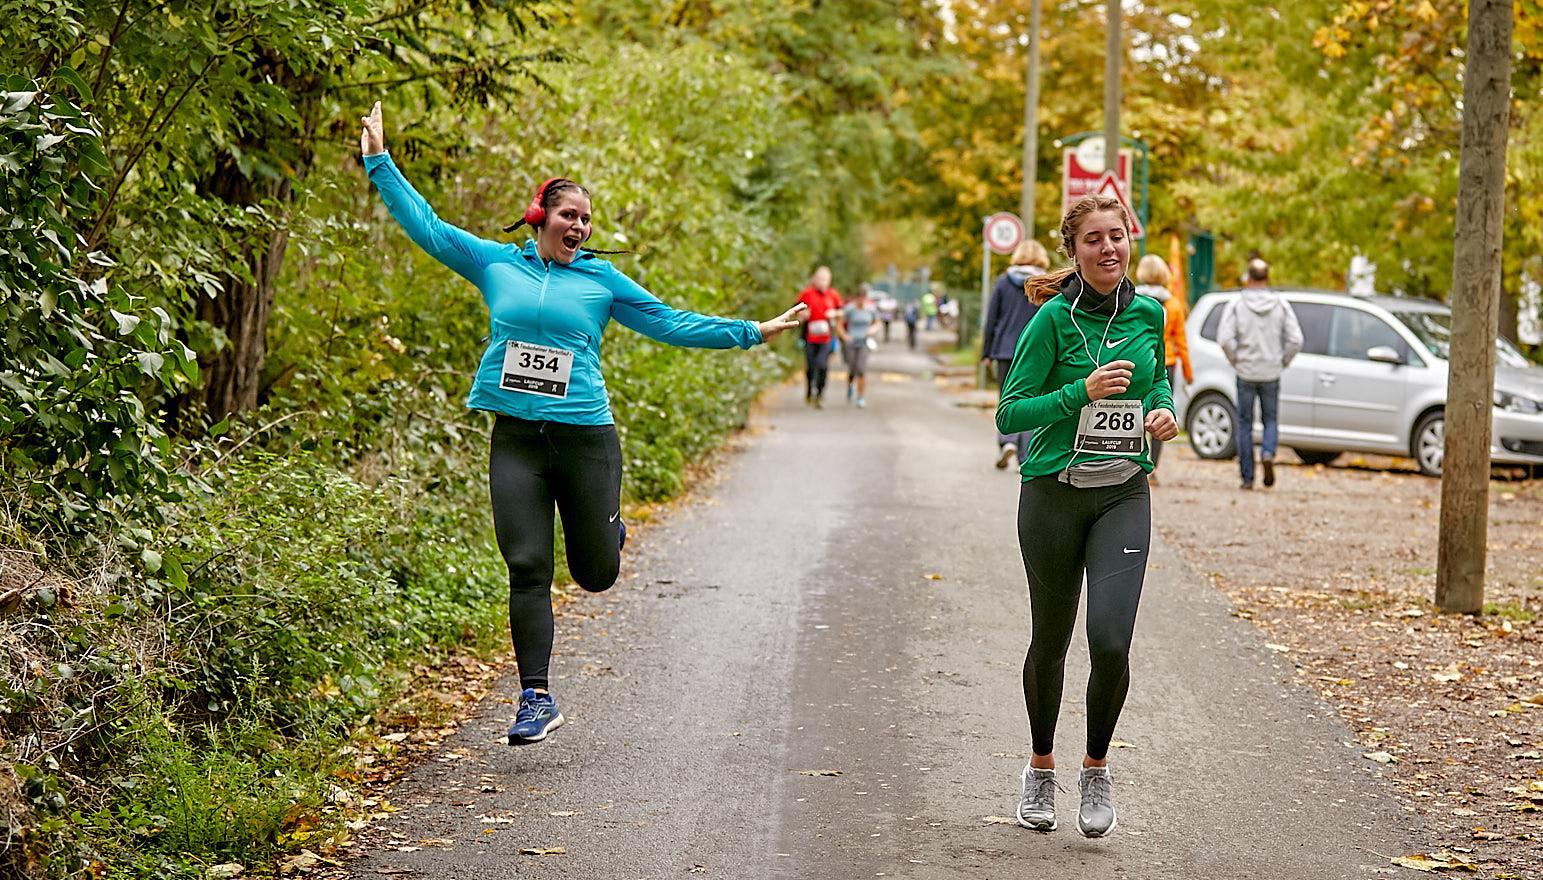 Laufen macht glücklich – so noch glücklicher